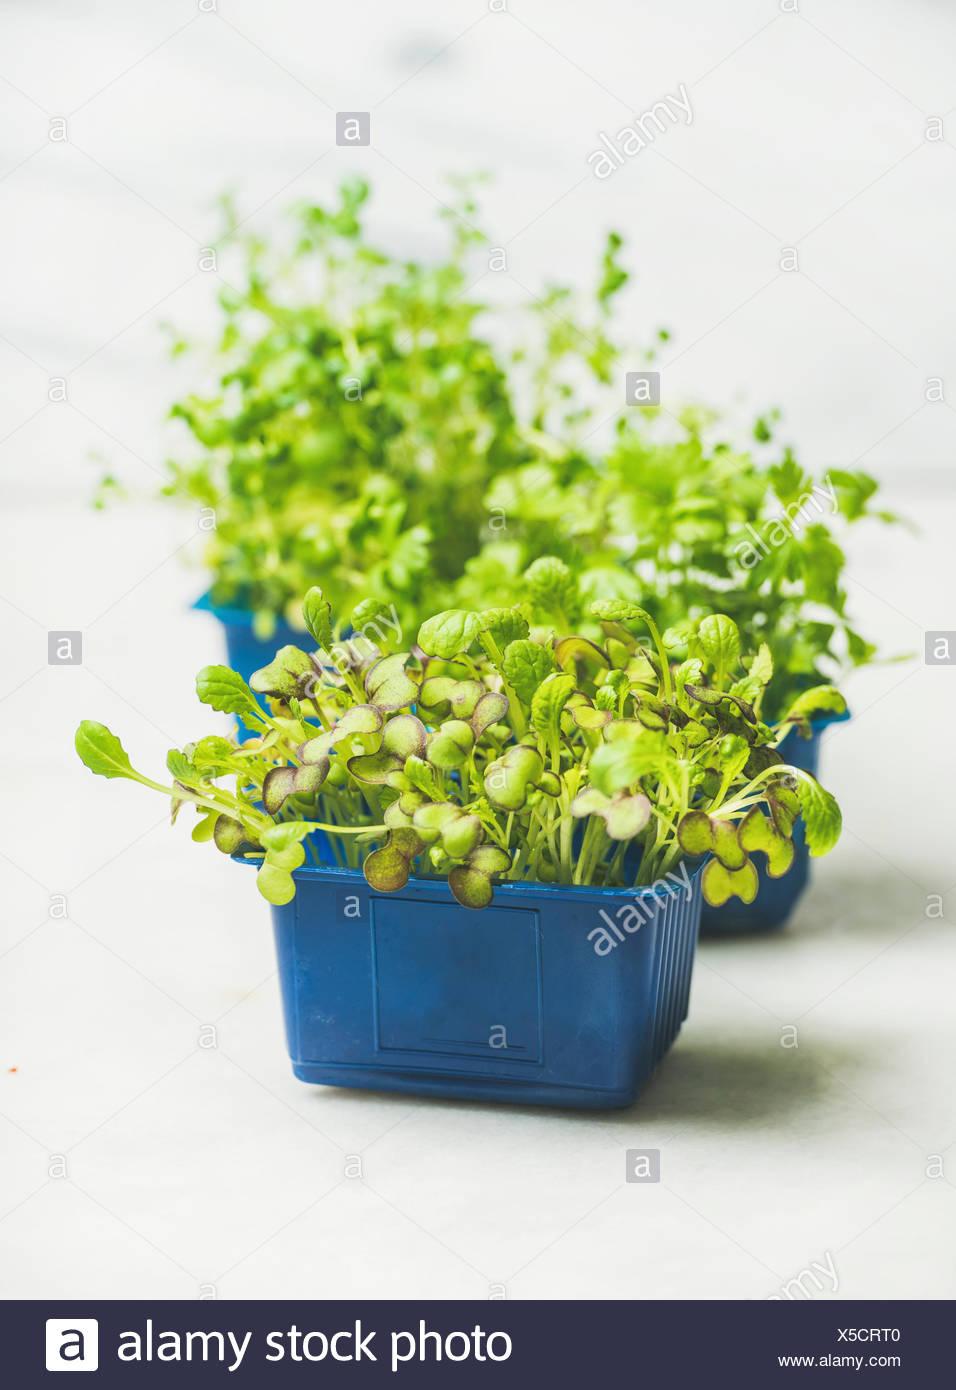 Primavera fresca verde Rábano vivo kress brota en macetas de plástico azul sobre fondo de mármol blanco para comer sano, el enfoque selectivo. Limpiar comer, dieta Imagen De Stock